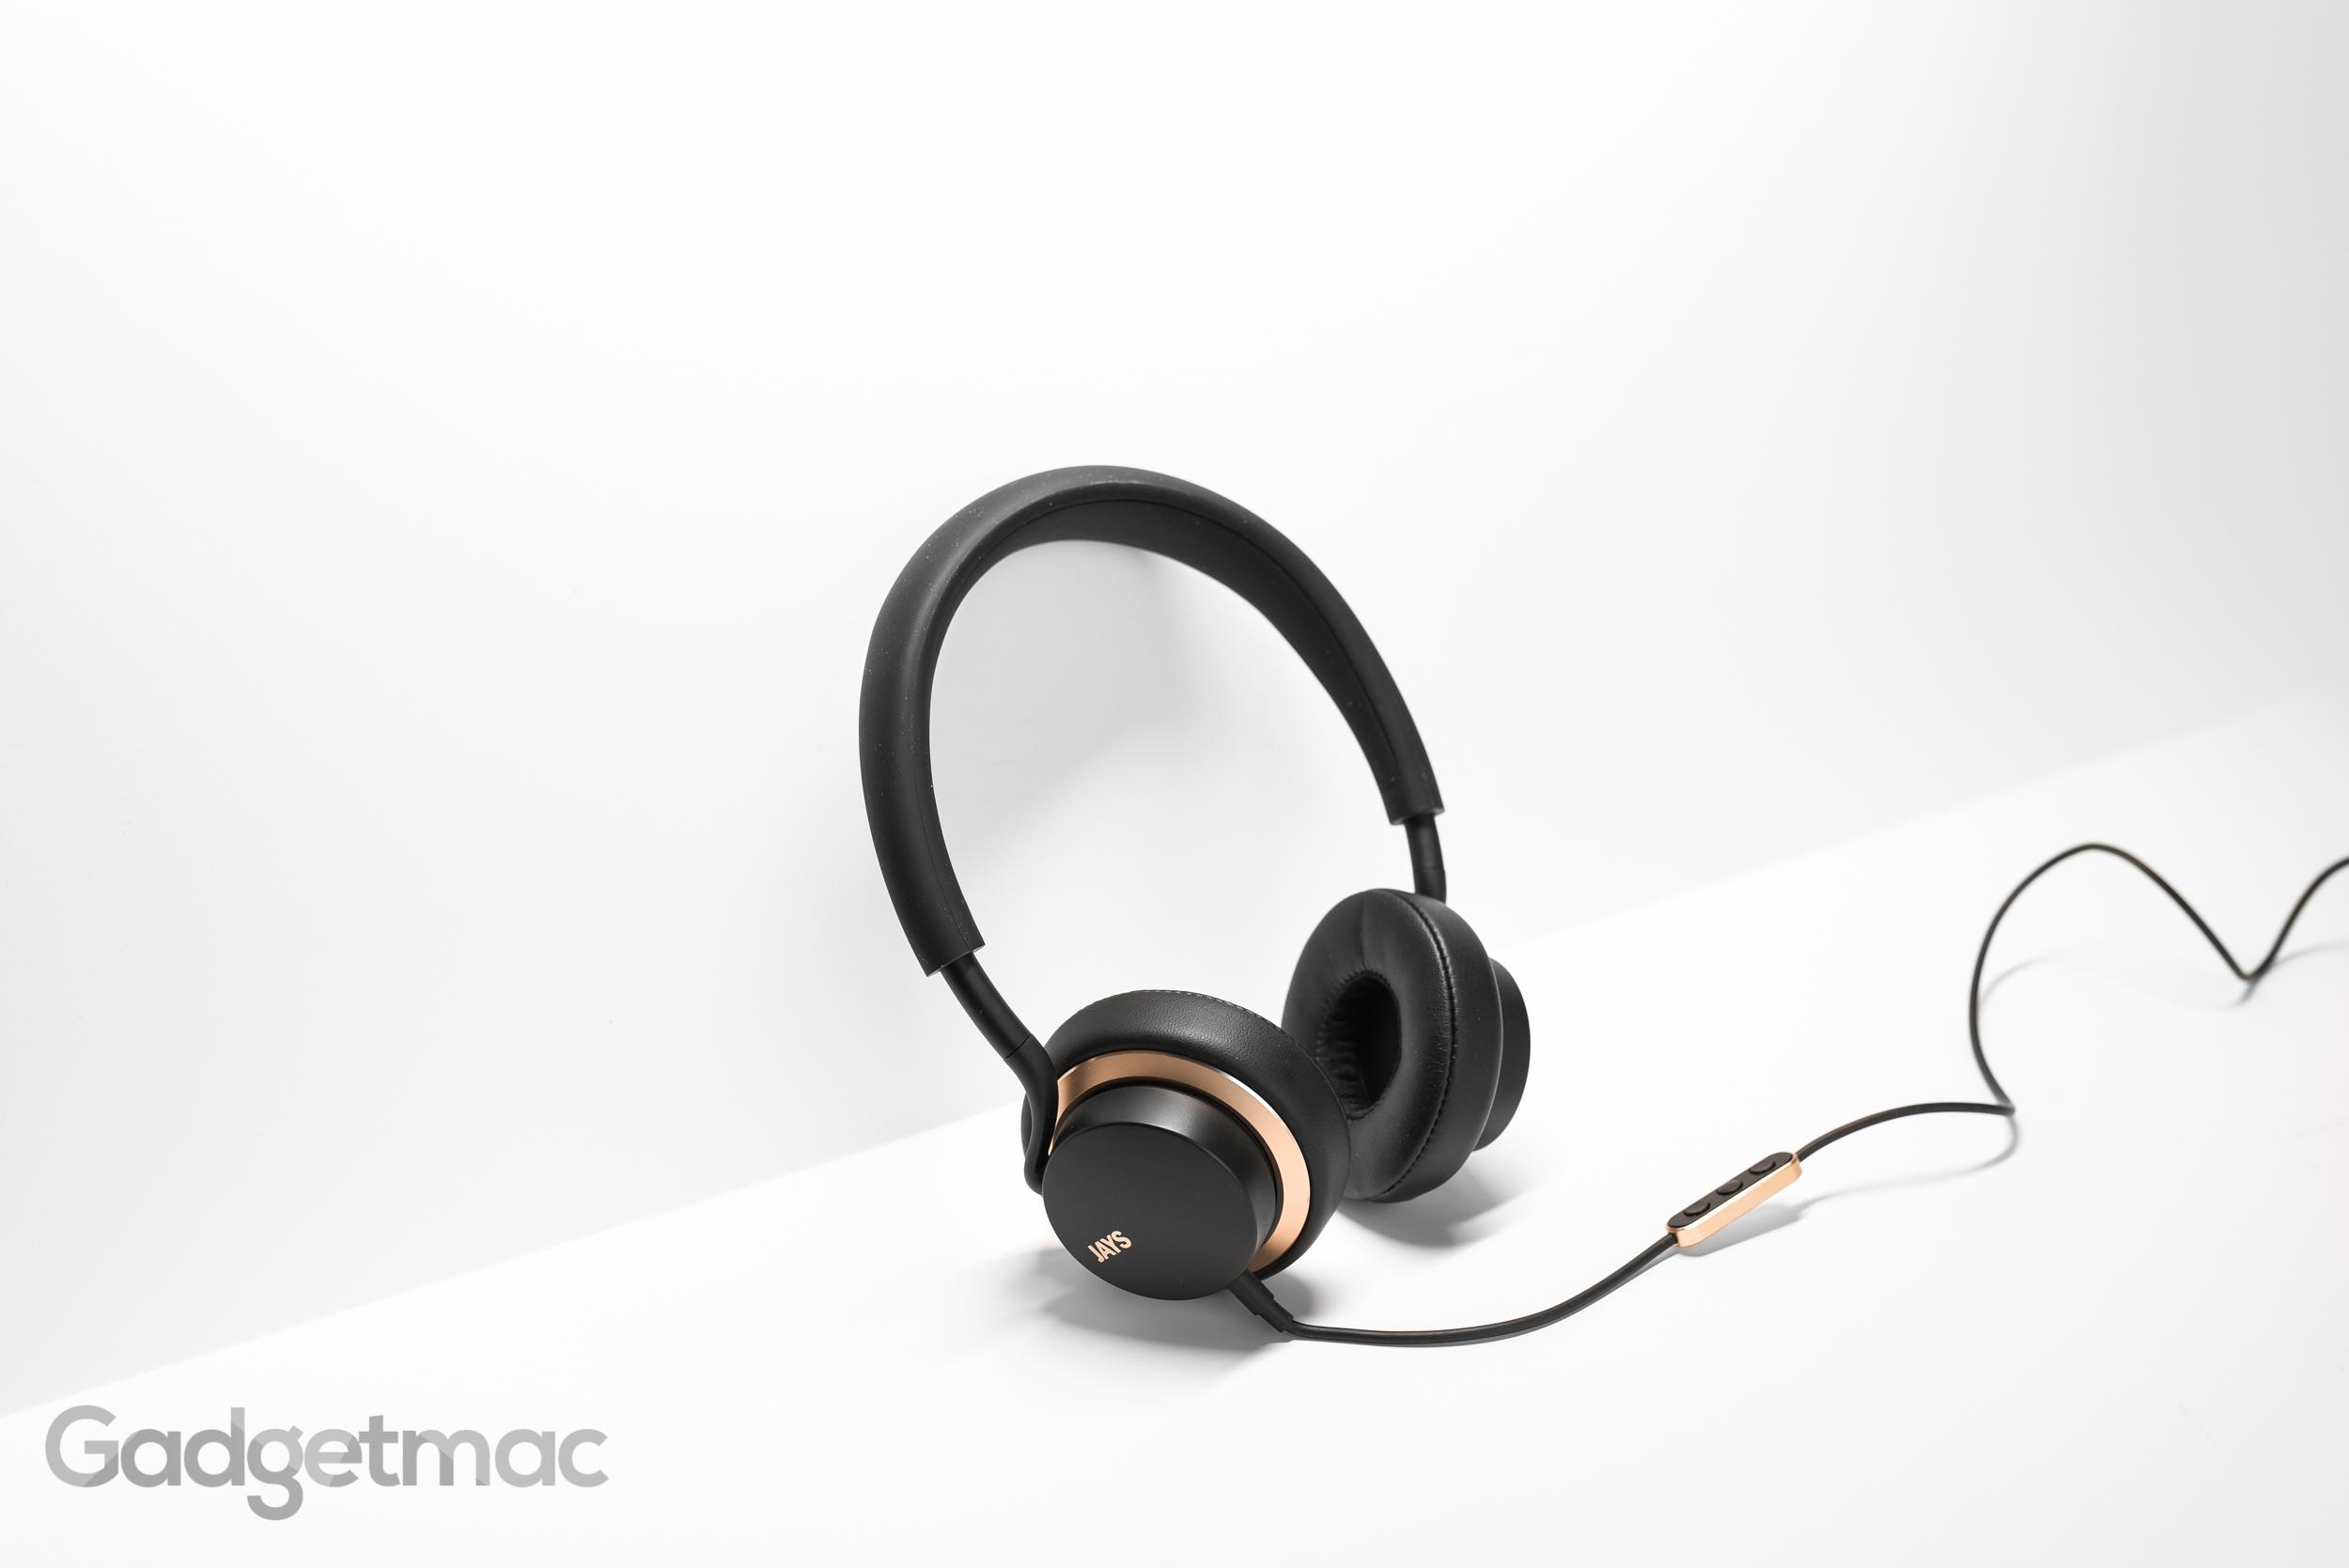 u-jays-headphones-hero.jpg